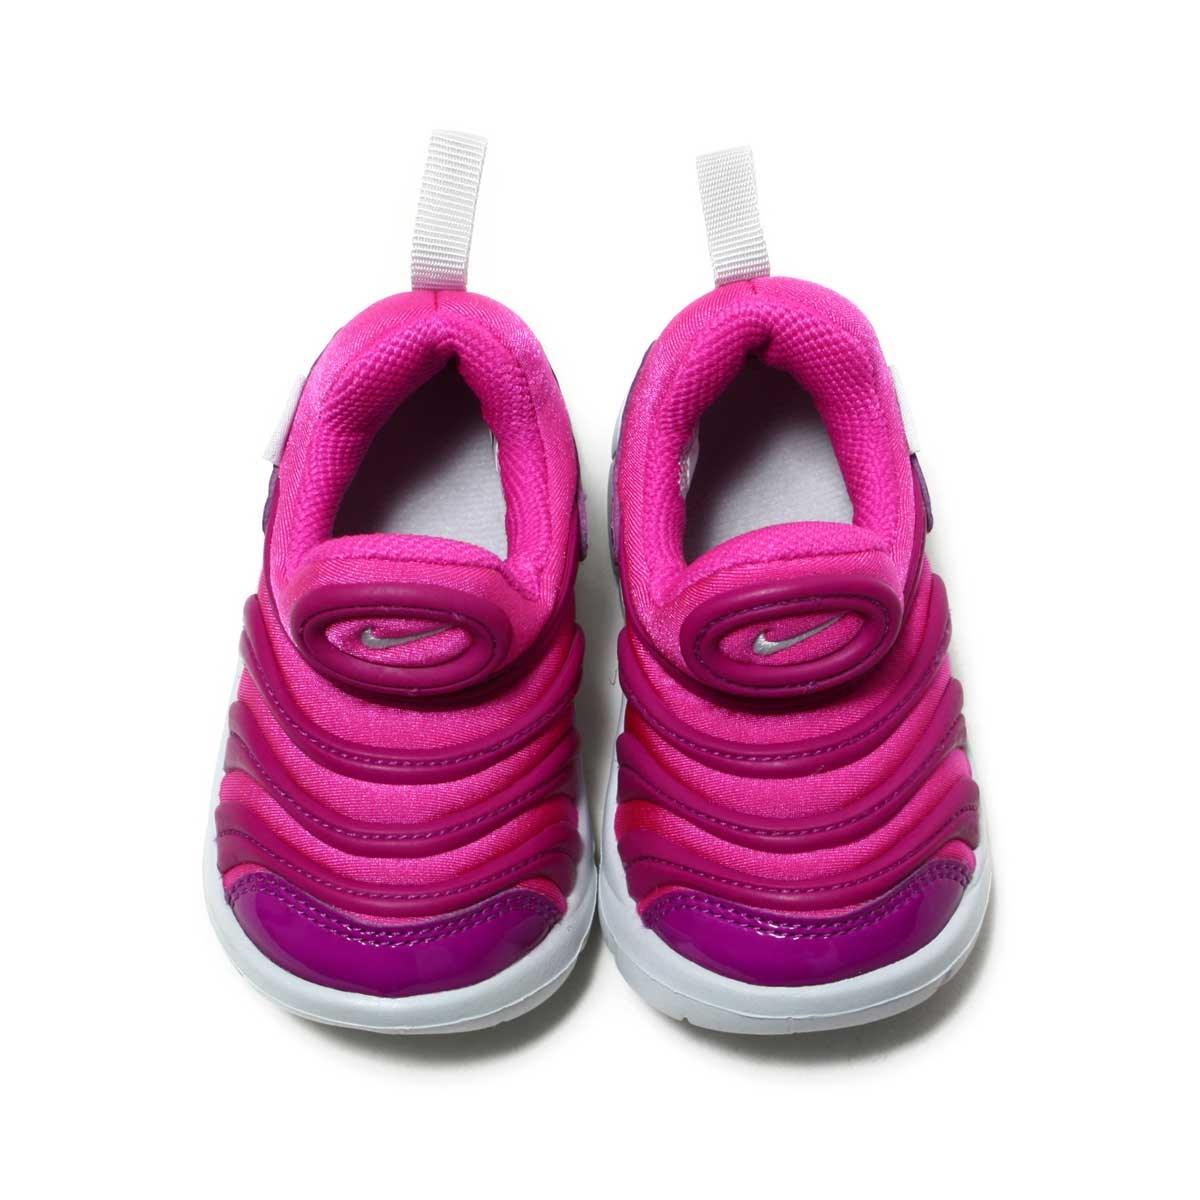 online store 879e3 14e63 ... NIKE DYNAMO FREE (TD) (Nike dynamo-free TD) FIRE PINK  ...